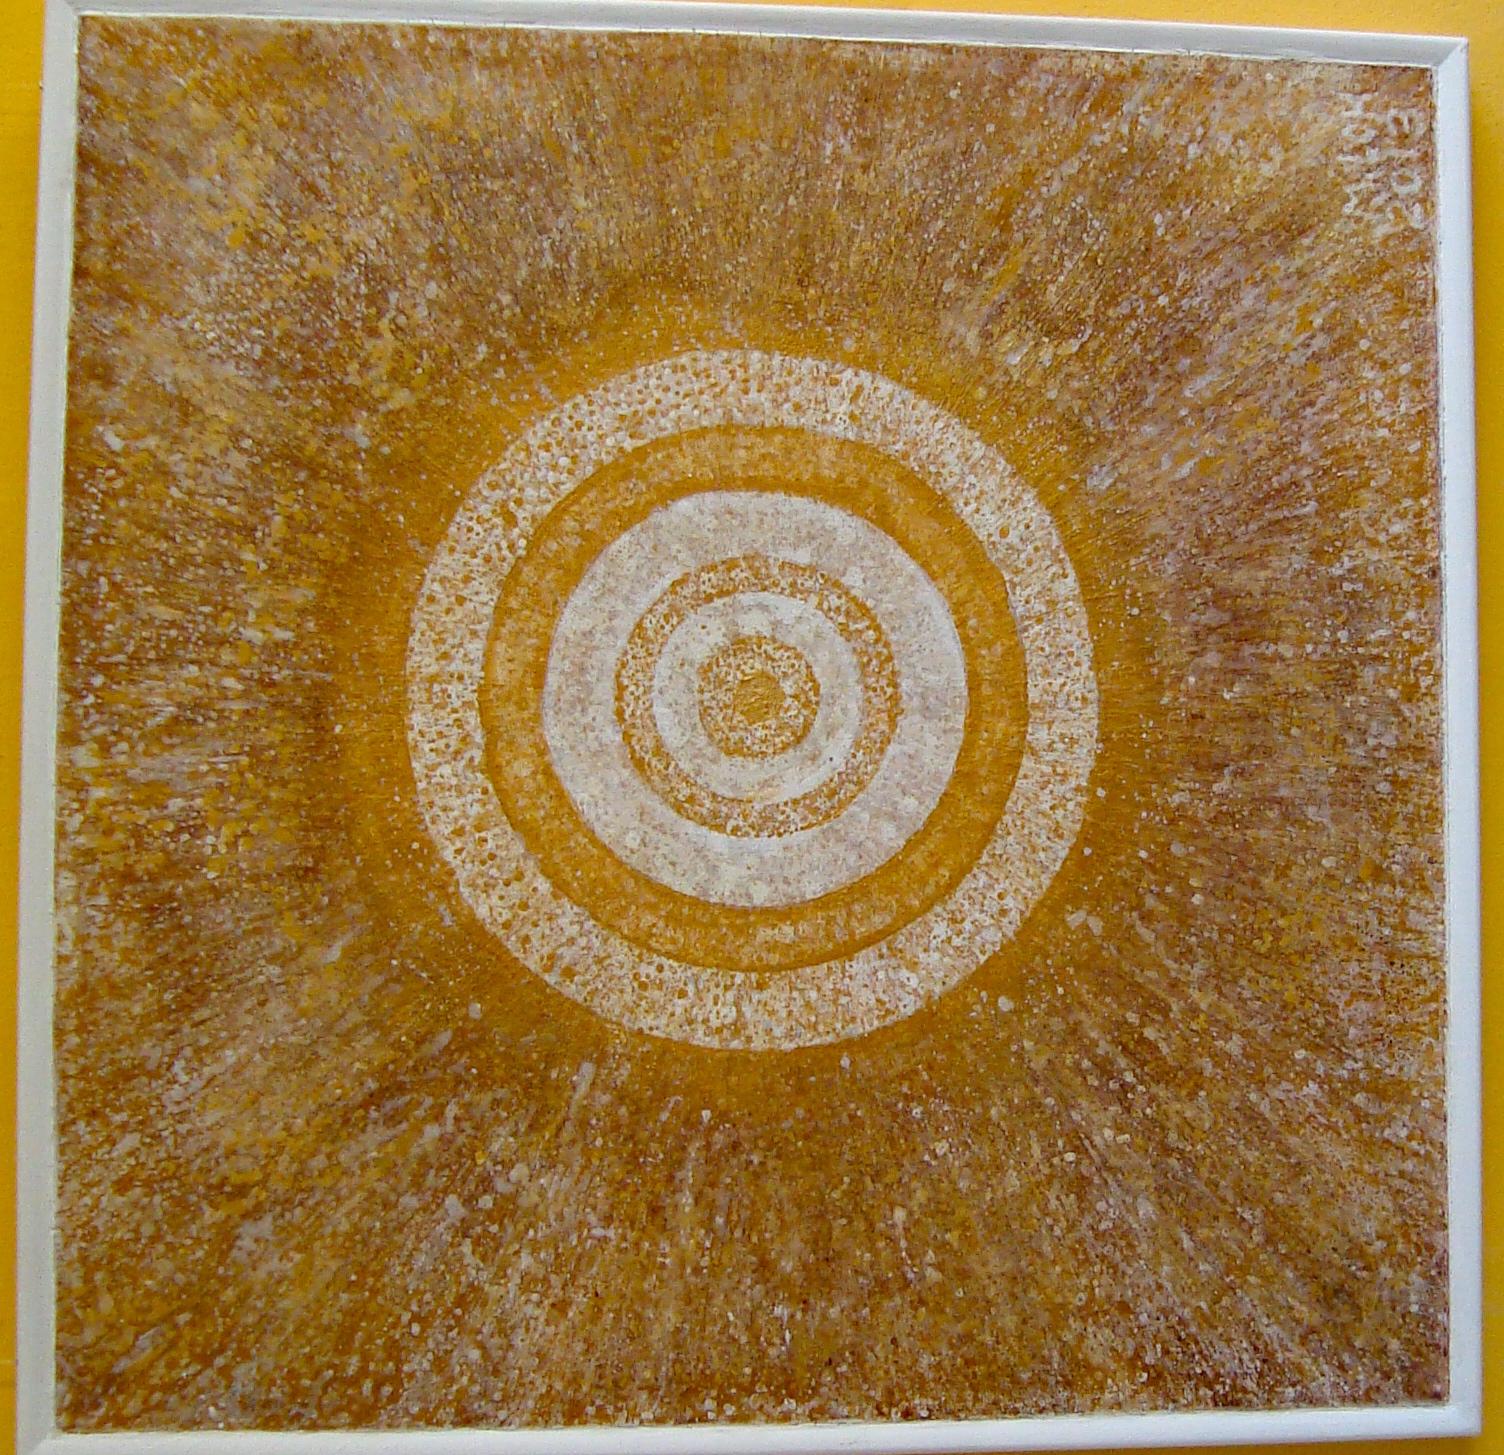 Konzentrische Entfaltung, 2013, 90x90 cm Acryl auf Hartfaserplatte